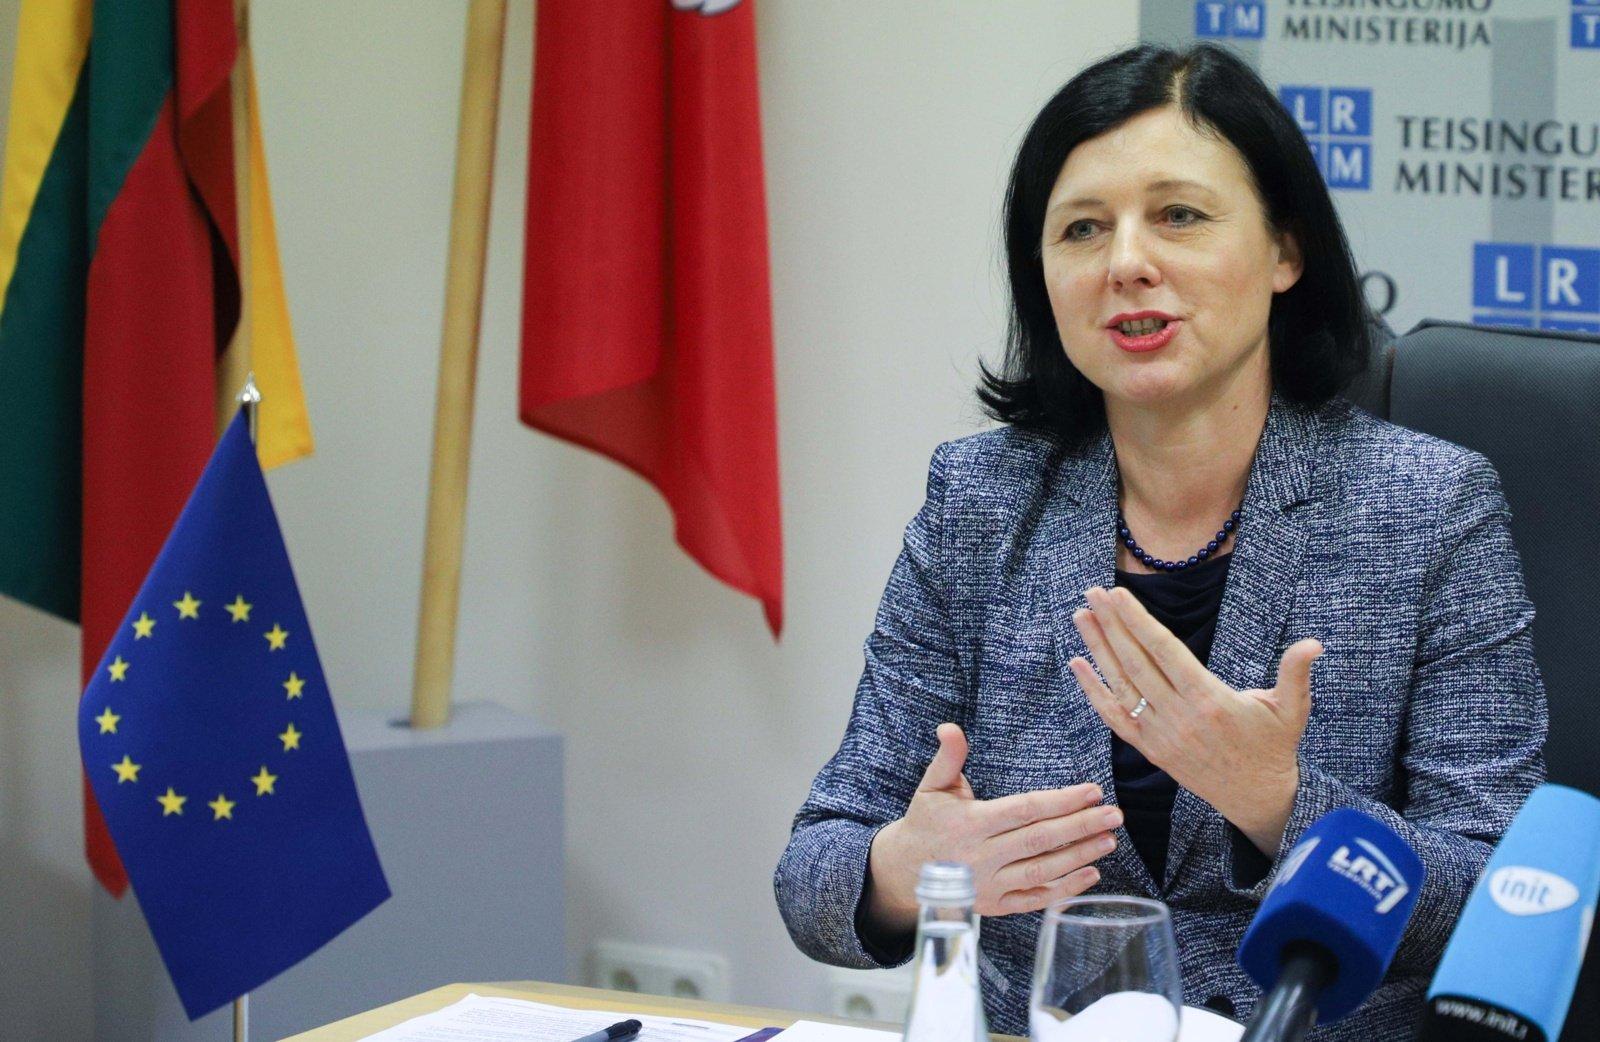 Lietuvoje lankysis Europos Komisijos pirmininkės pavaduotoja V. Jourova